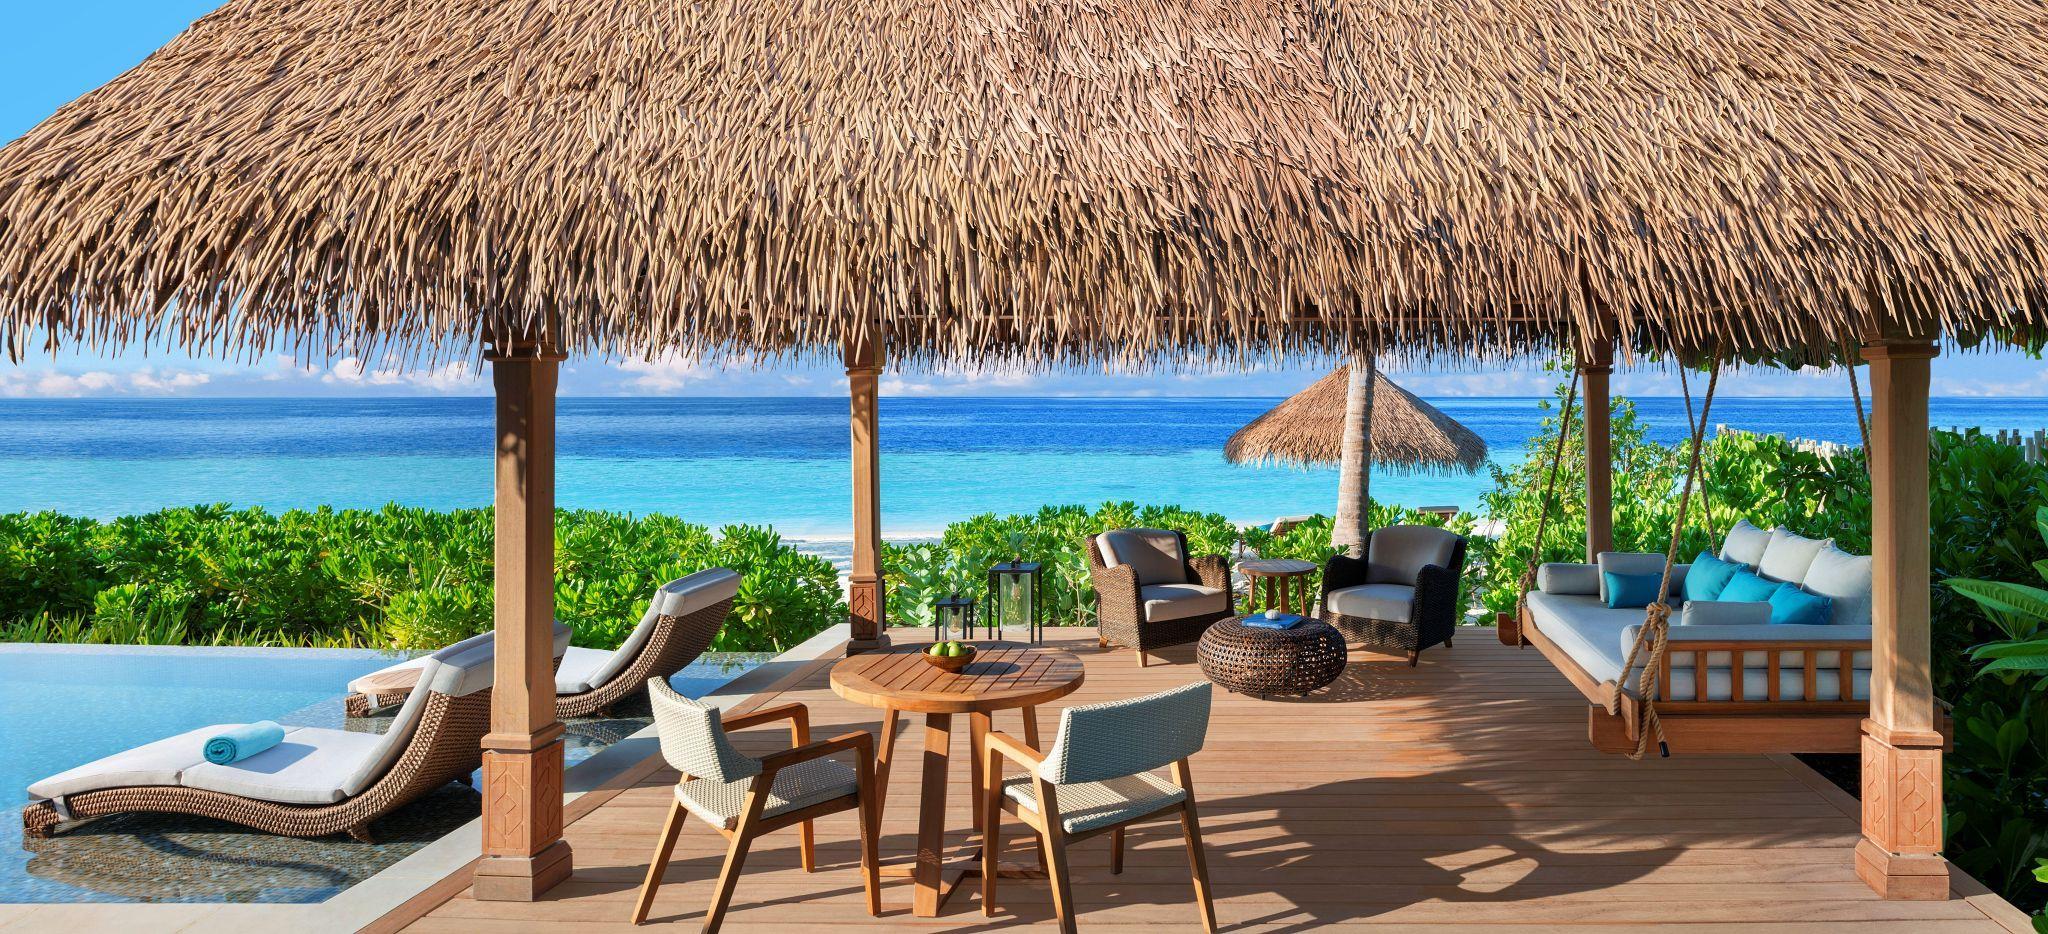 Terasse mit Meerblick des Pavillons der Beach Villa im Waldorf Astoria Maldives